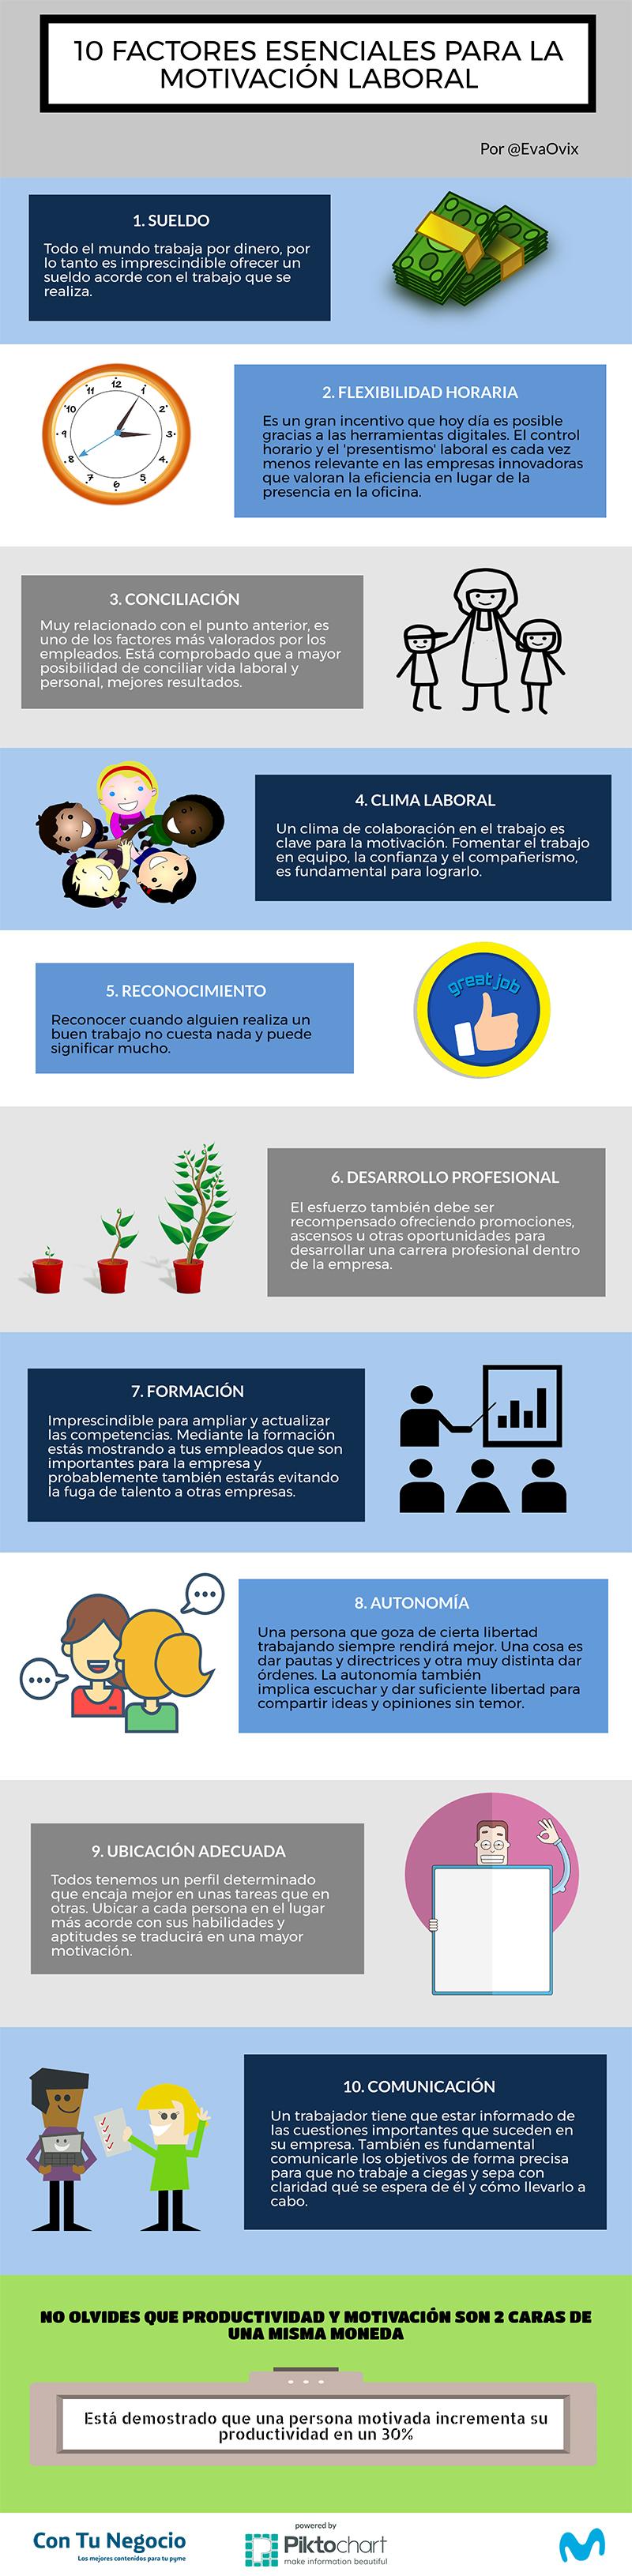 10 factores esenciales para la Motivación laboral